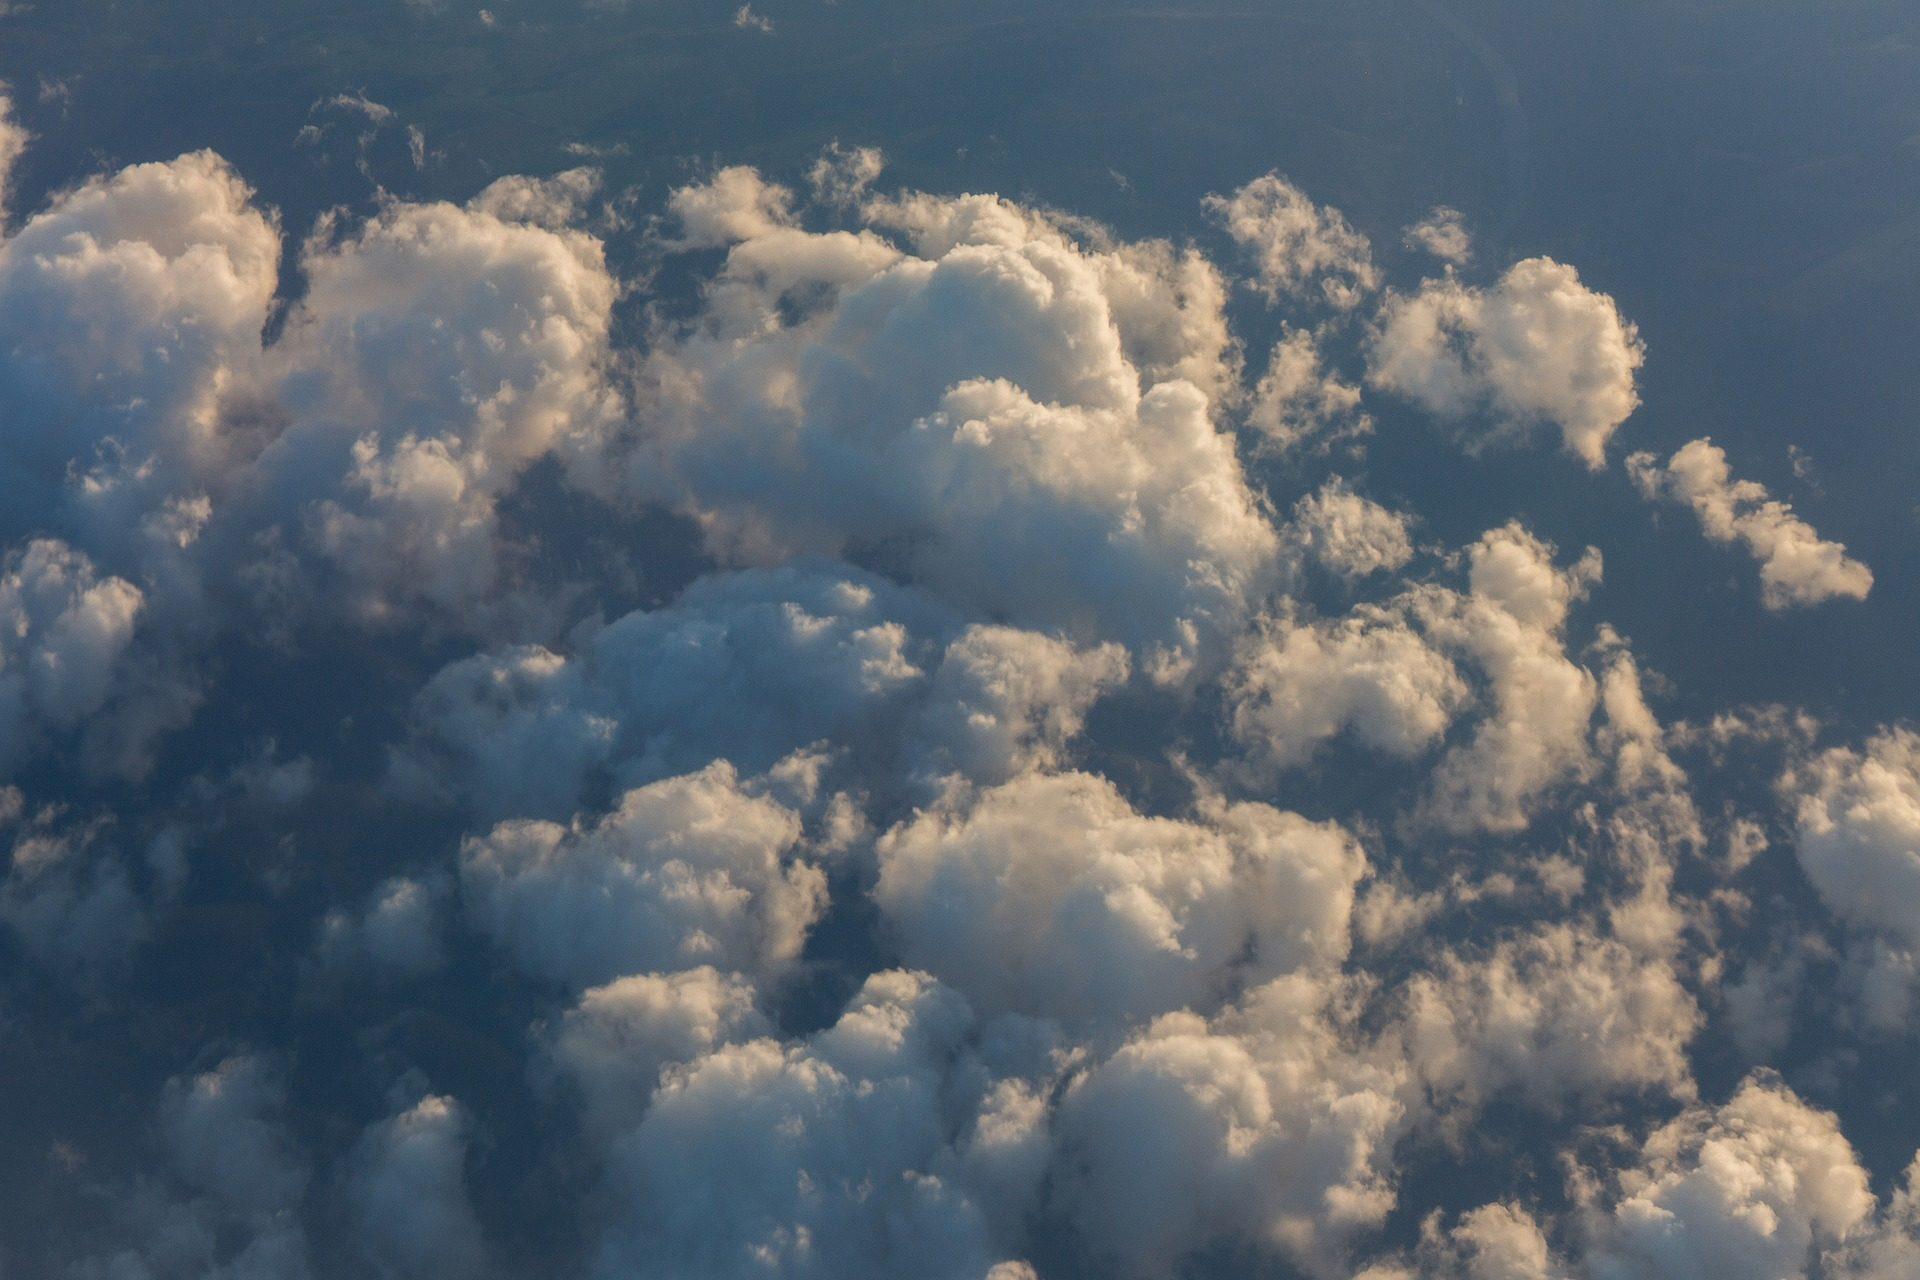 雲, ビュー, 空気, 積雲の雲, 巻雲, 積乱雲, 空 - HD の壁紙 - 教授-falken.com